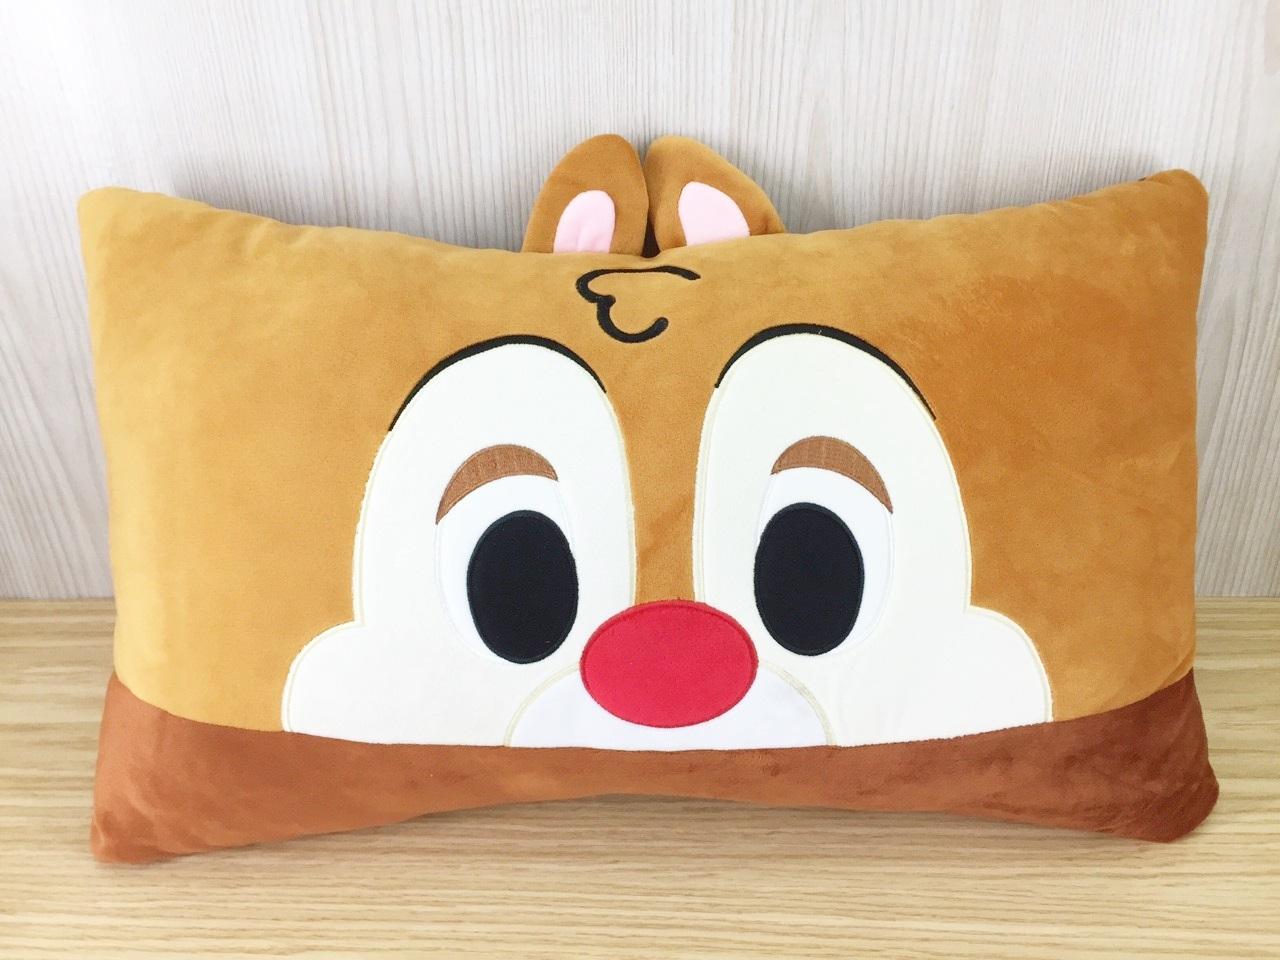 【真愛日本】15121700024 大臉雙人枕-蒂蒂 奇奇蒂蒂 迪士尼 花栗鼠 抱枕 靠枕 娃娃 枕頭 生活用品